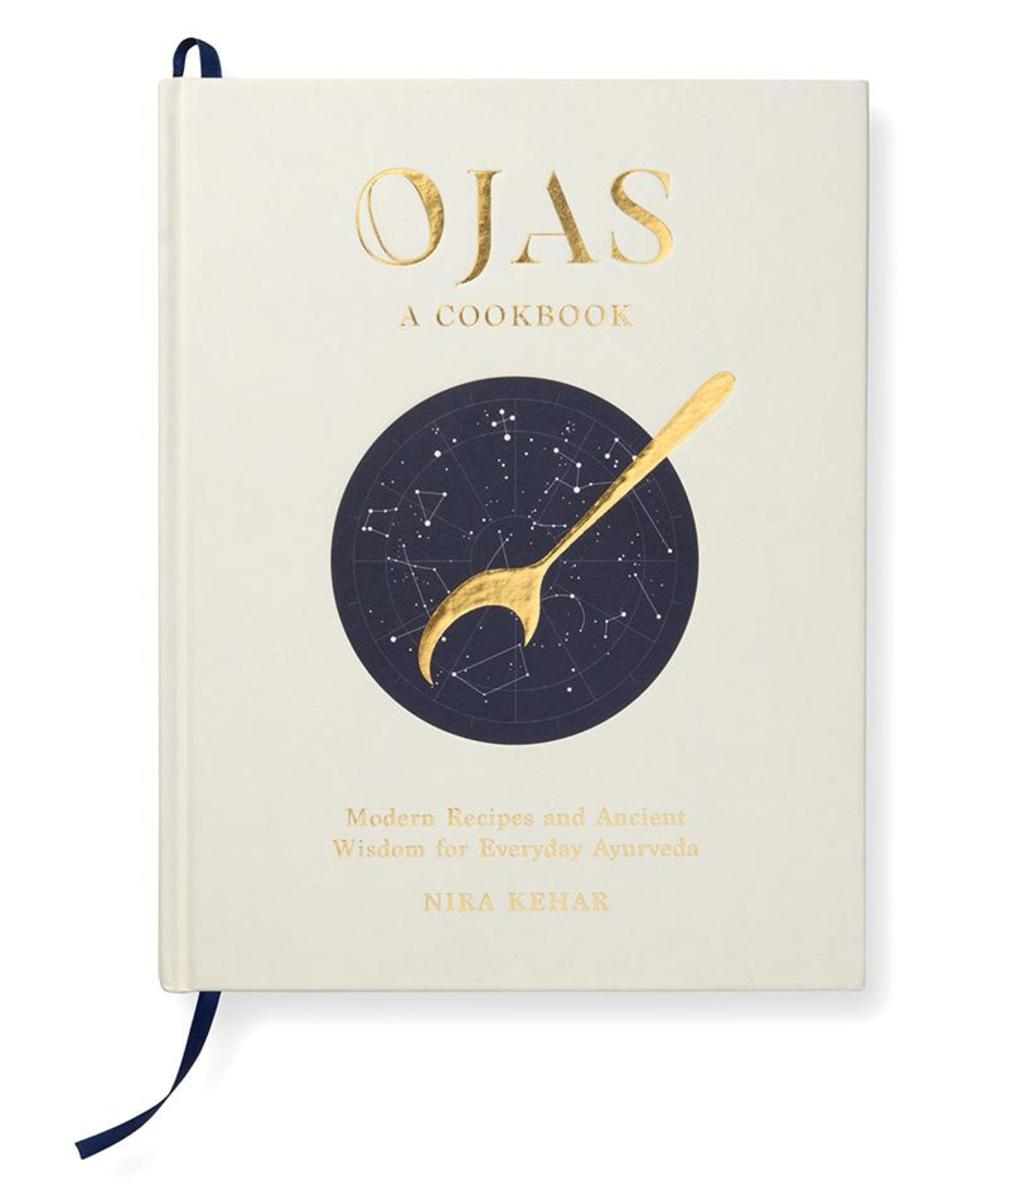 ojas_bookcover